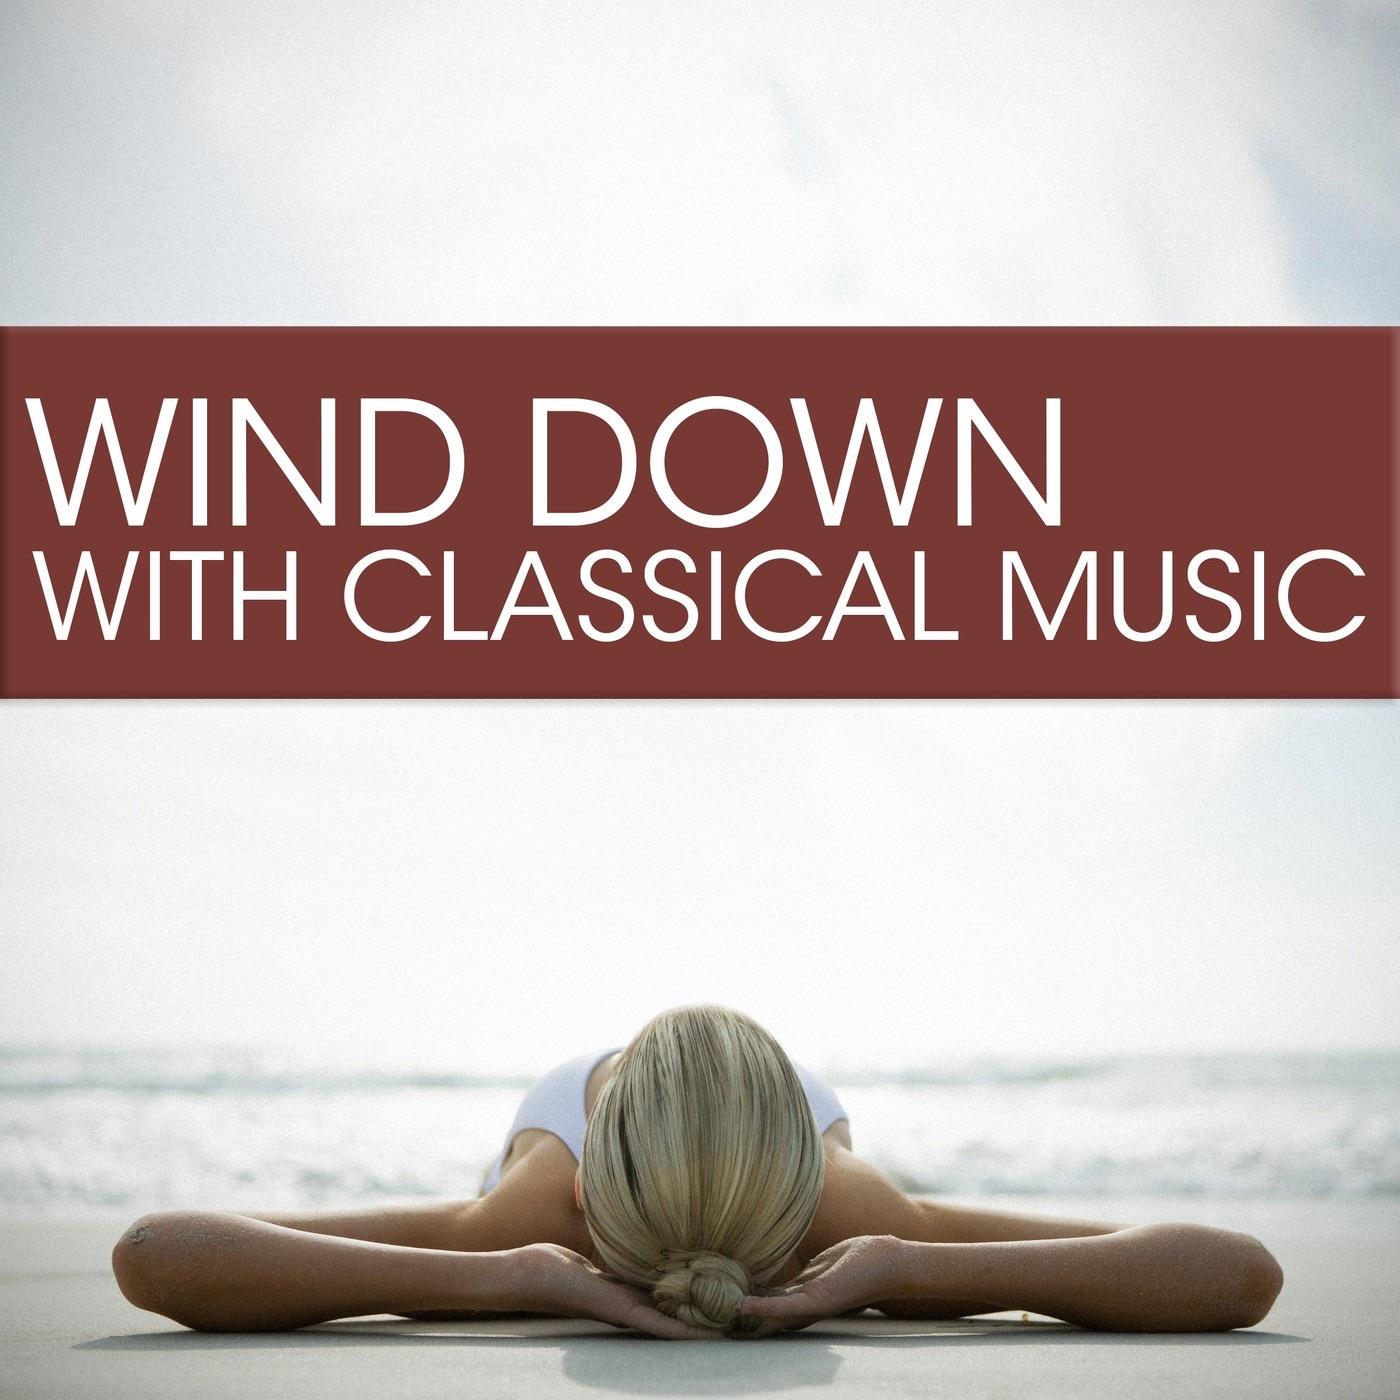 Nocturne No.20 in C sharp minor, Op.posth.